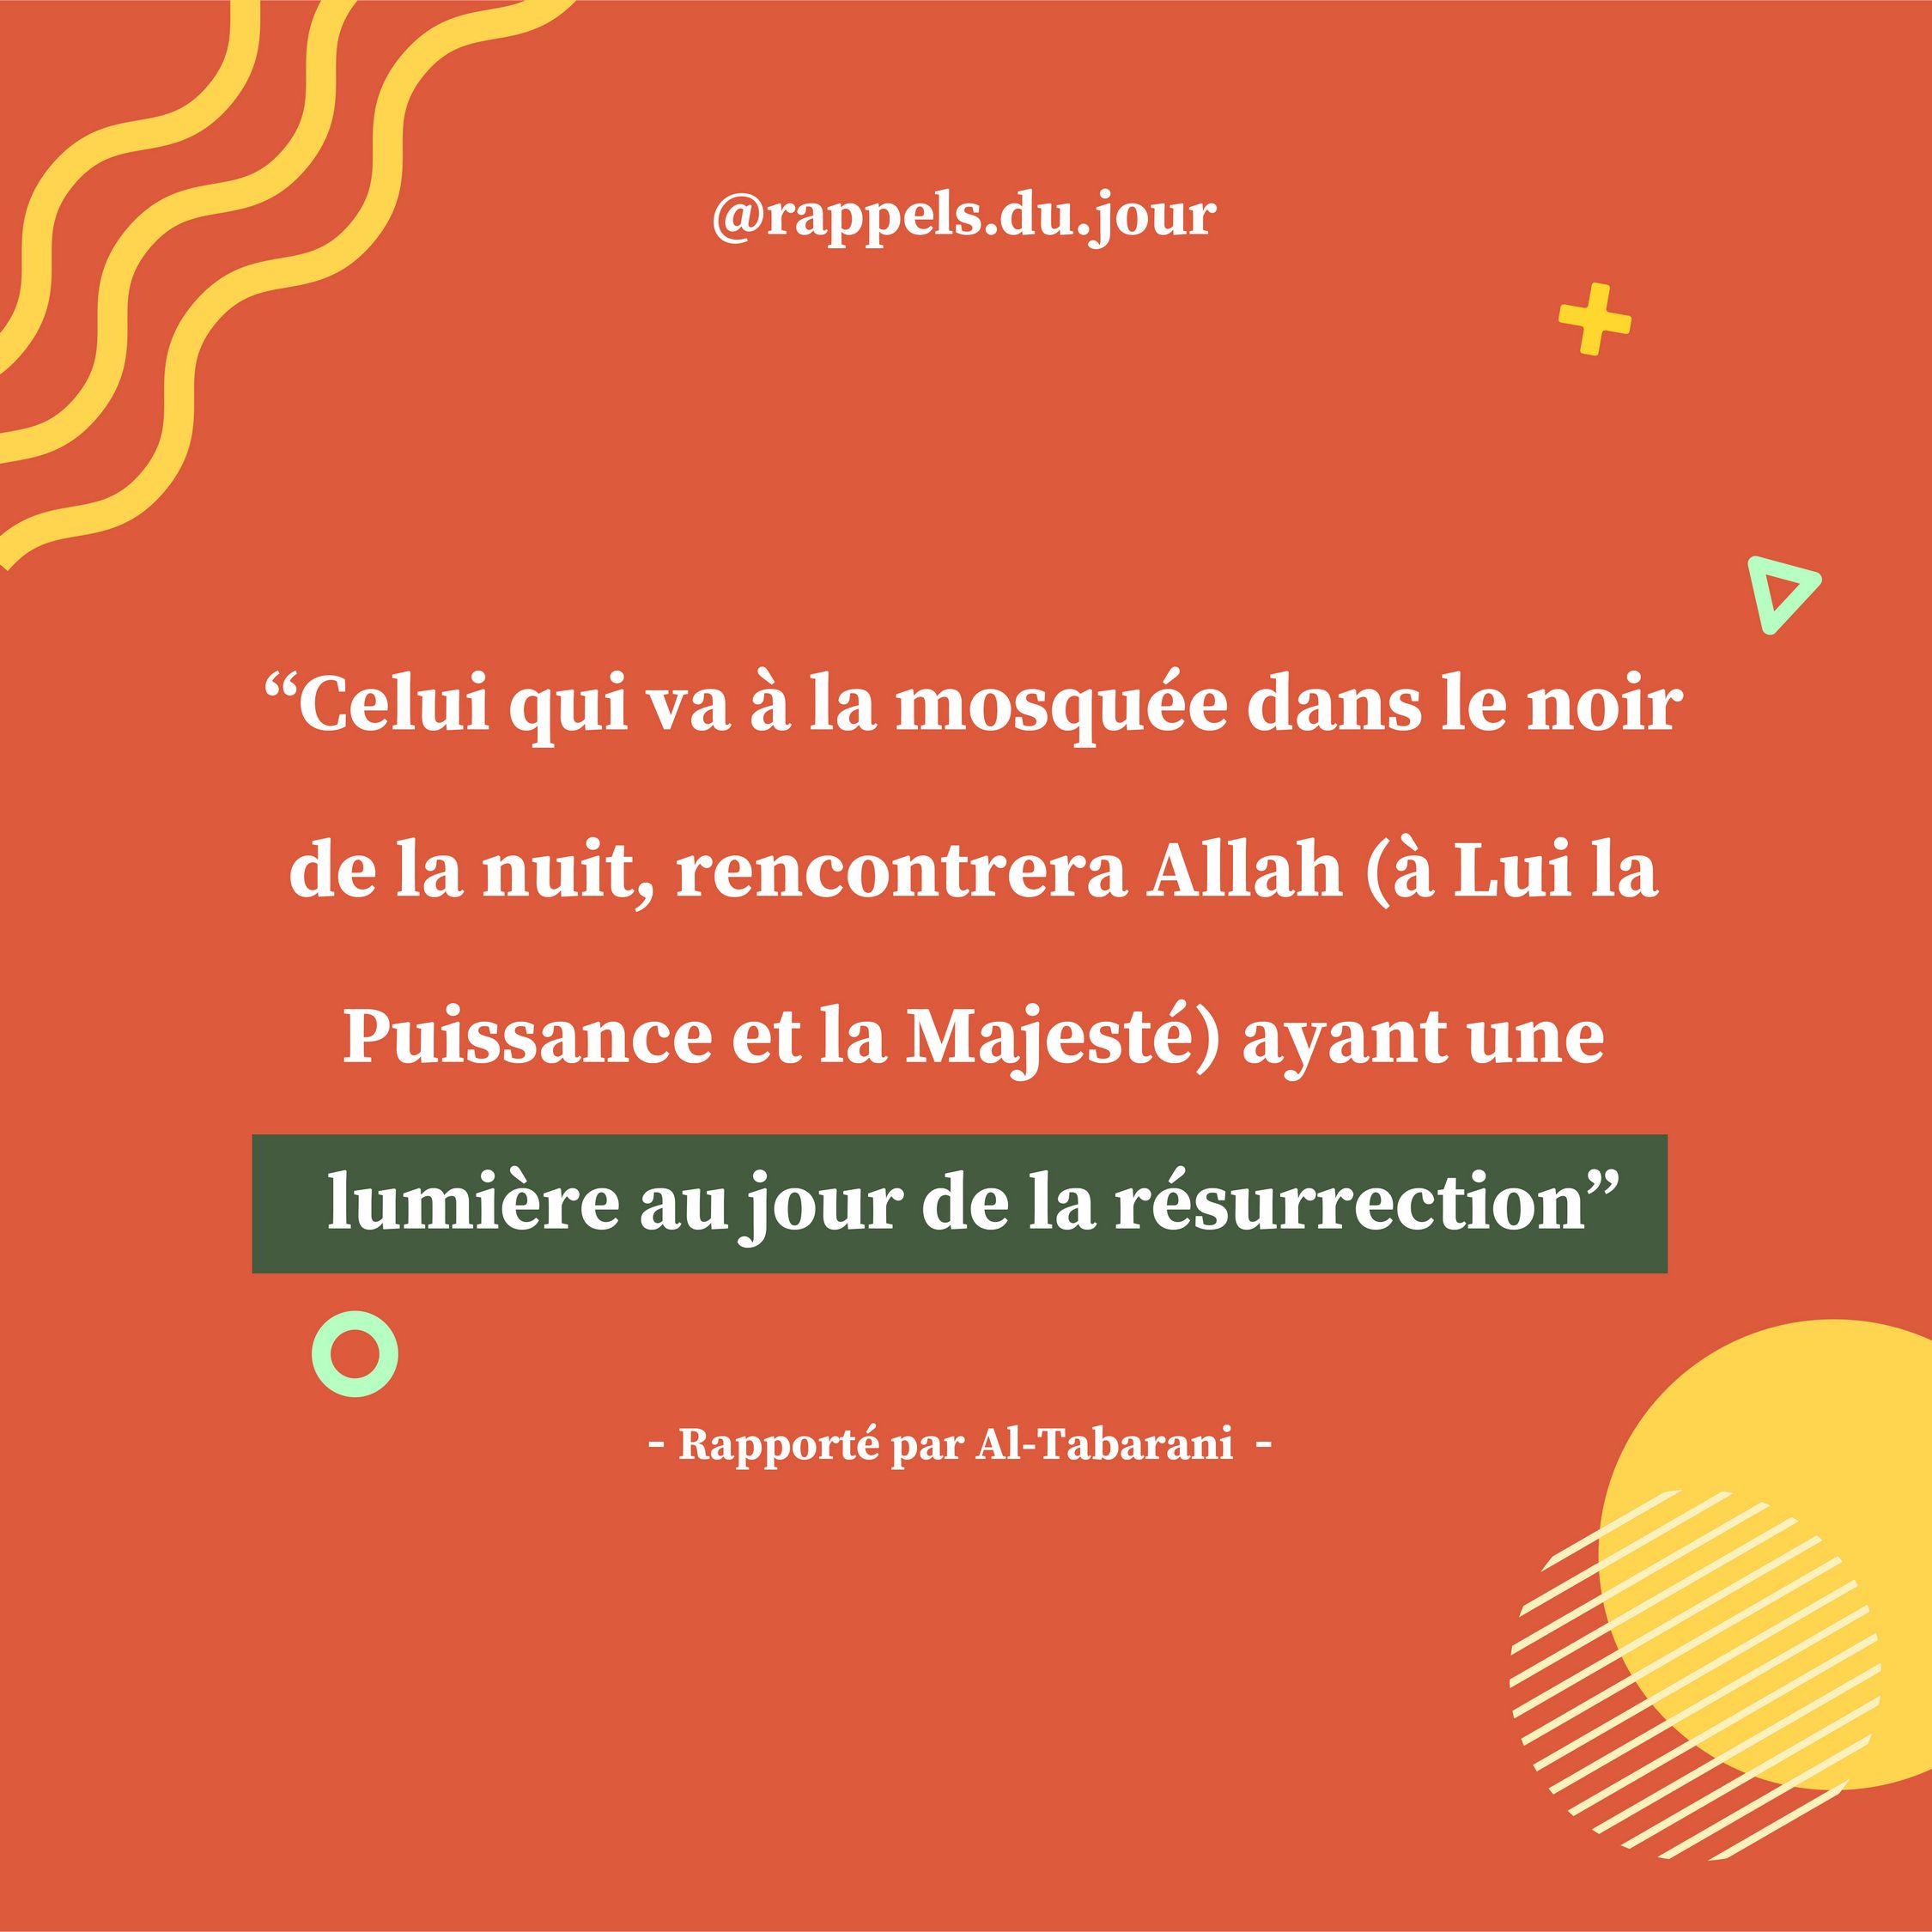 Hadith Abu ad-Darda - la récompense de ceux qui vont à la mosquée la nuit